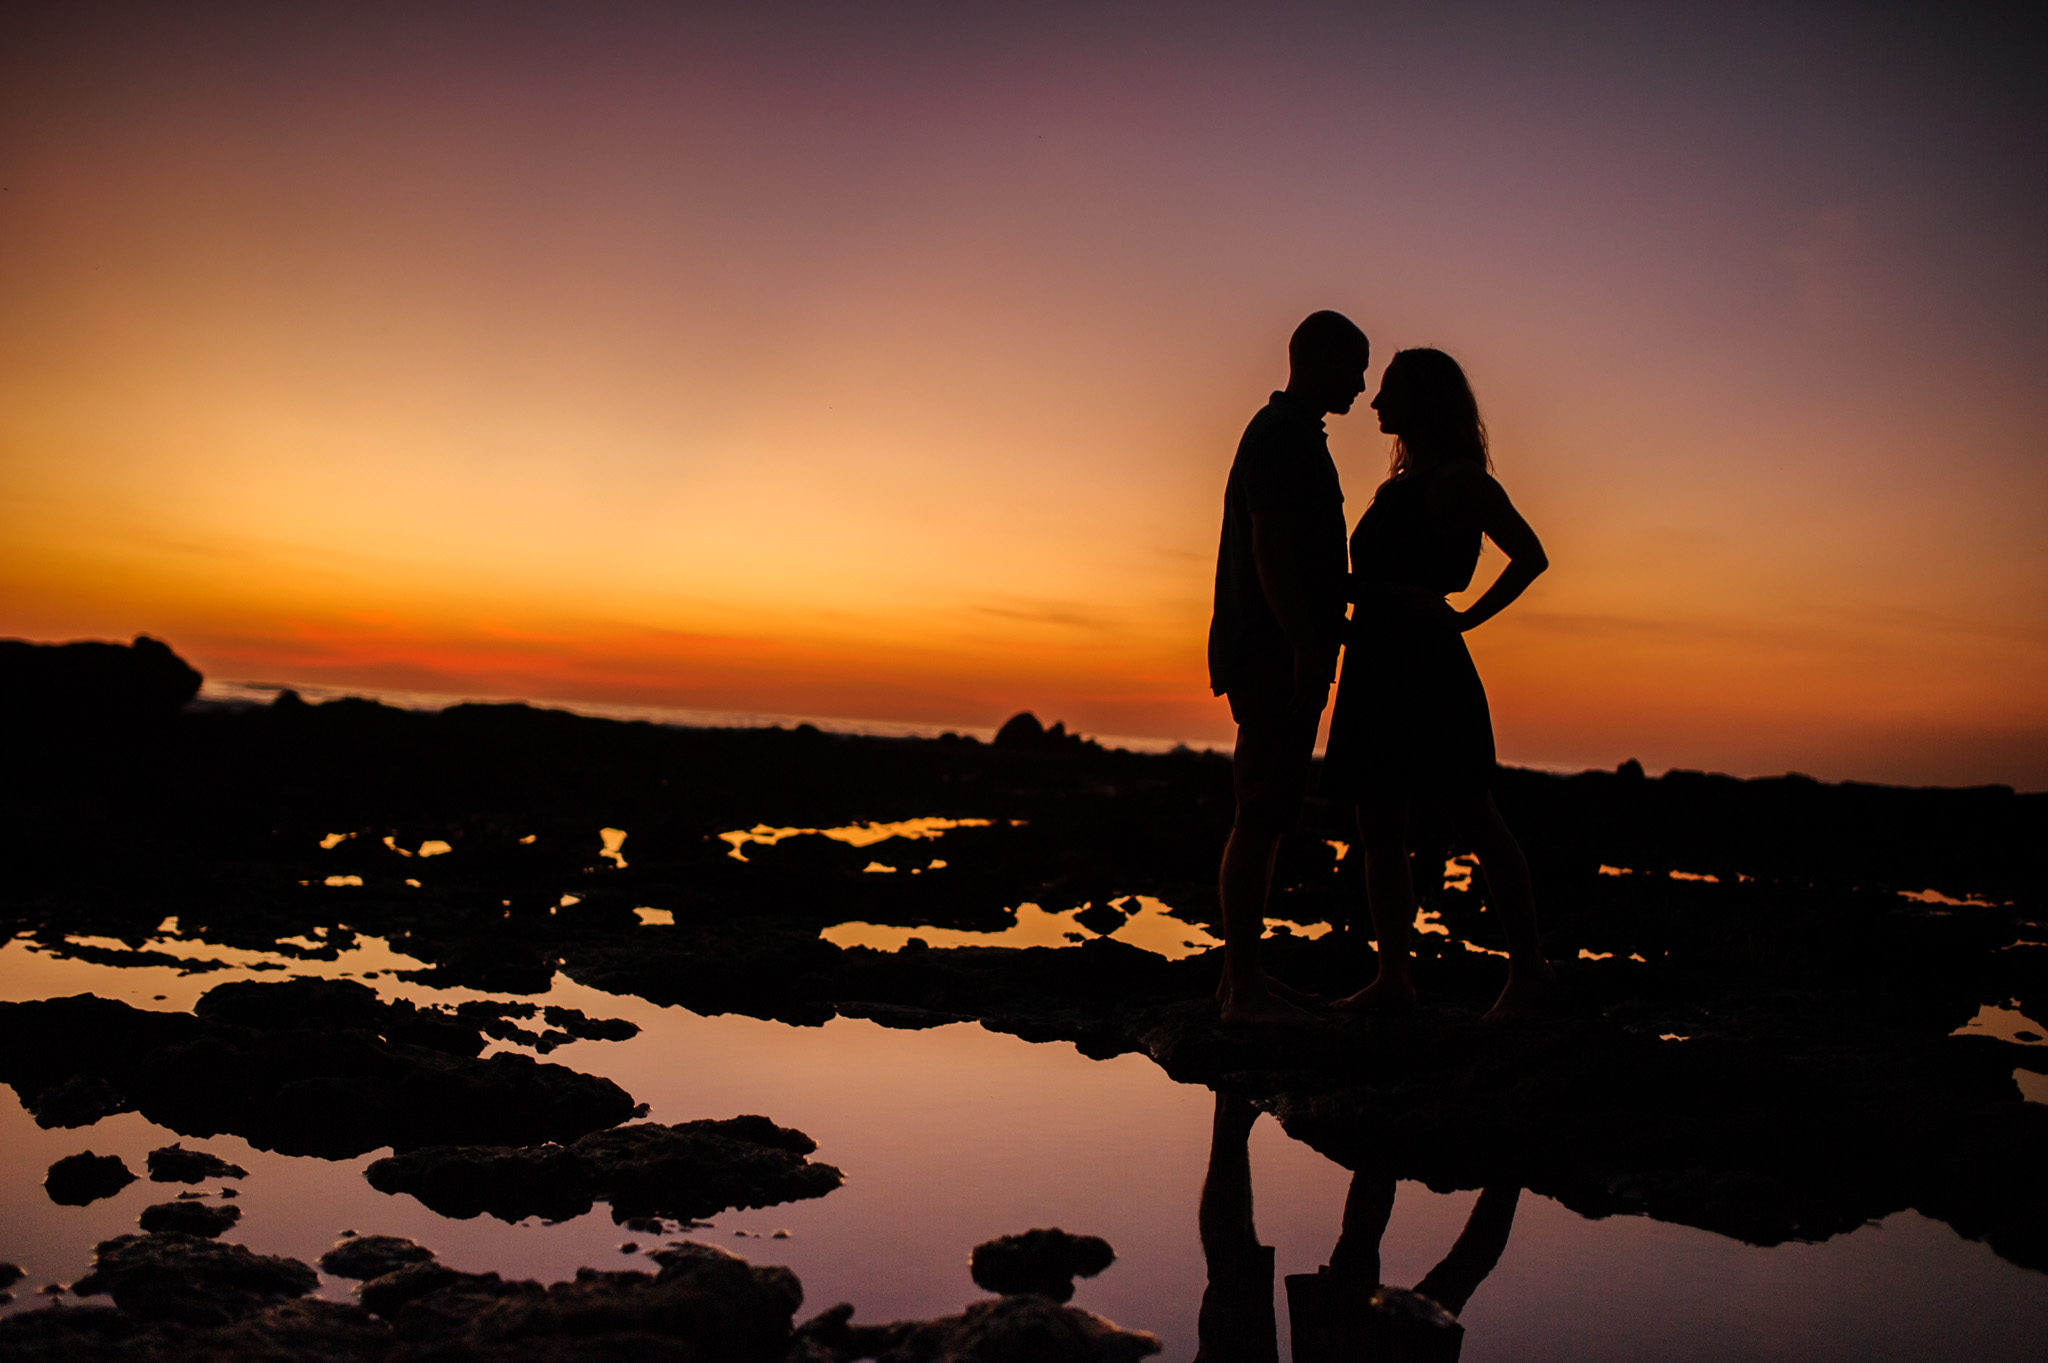 Stunning sunset silhouette shot at Junquillal